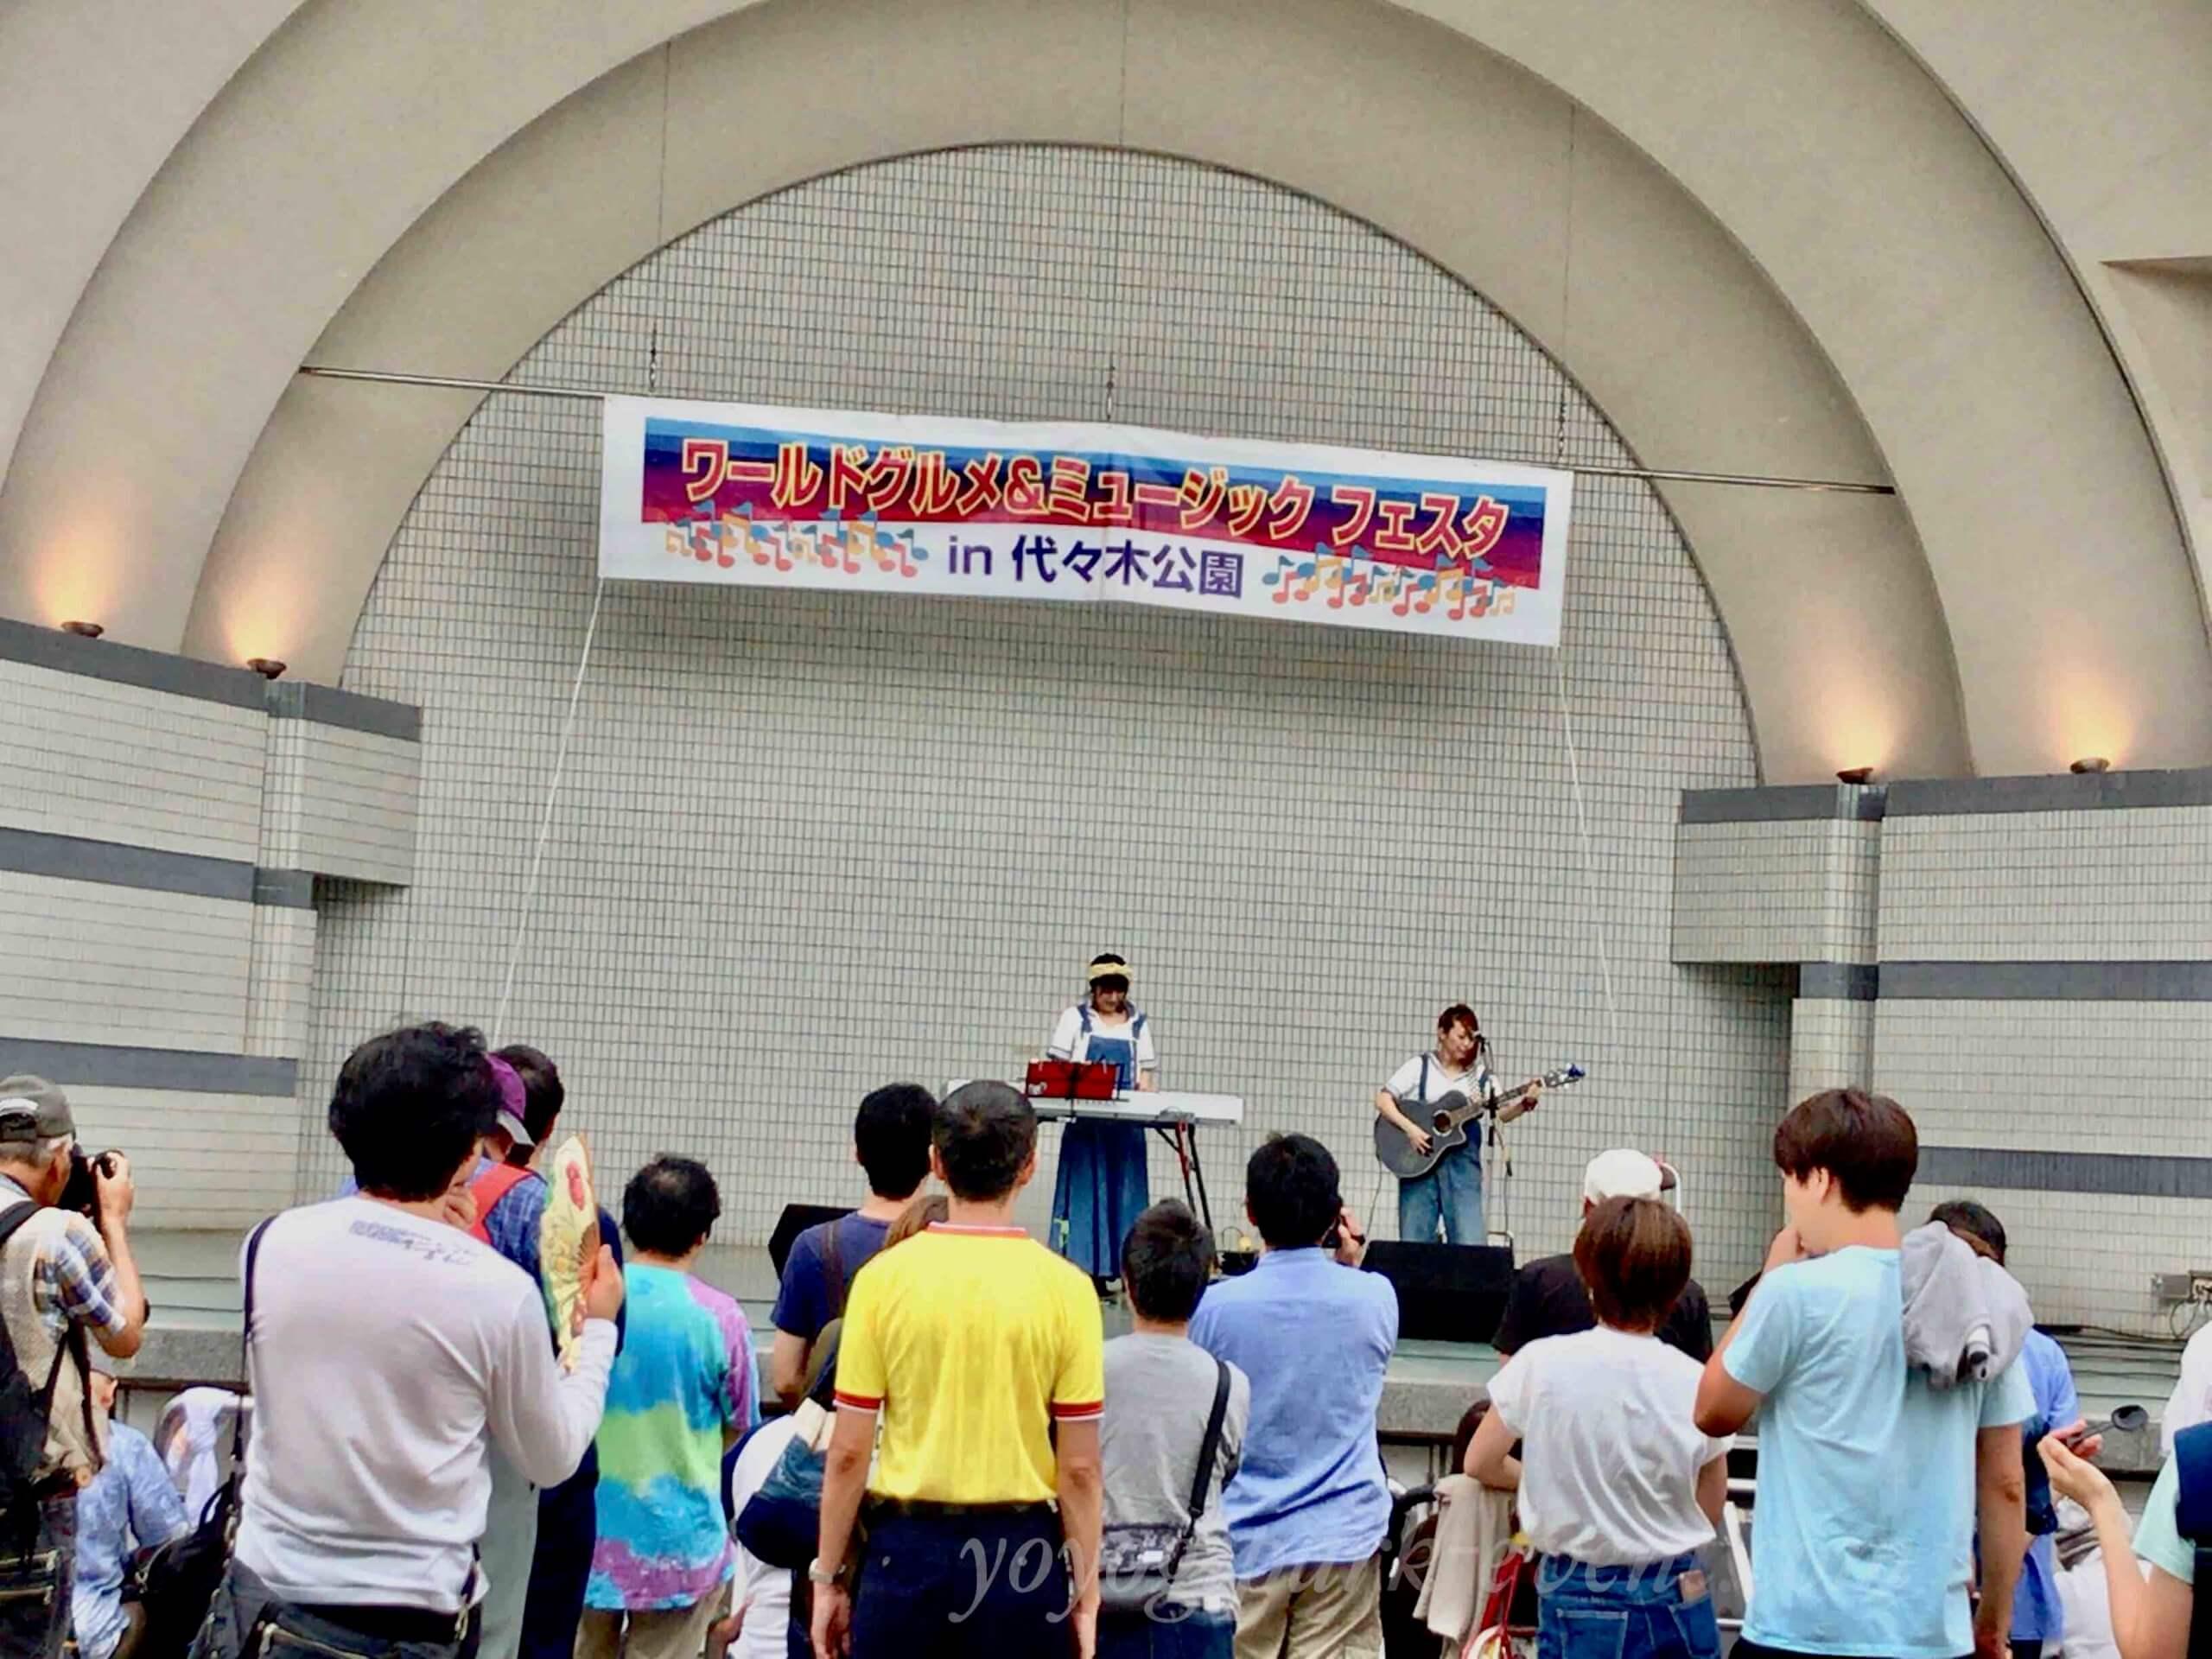 ワールドグルメ & ミュージックフェスタ in 代々木公園2019